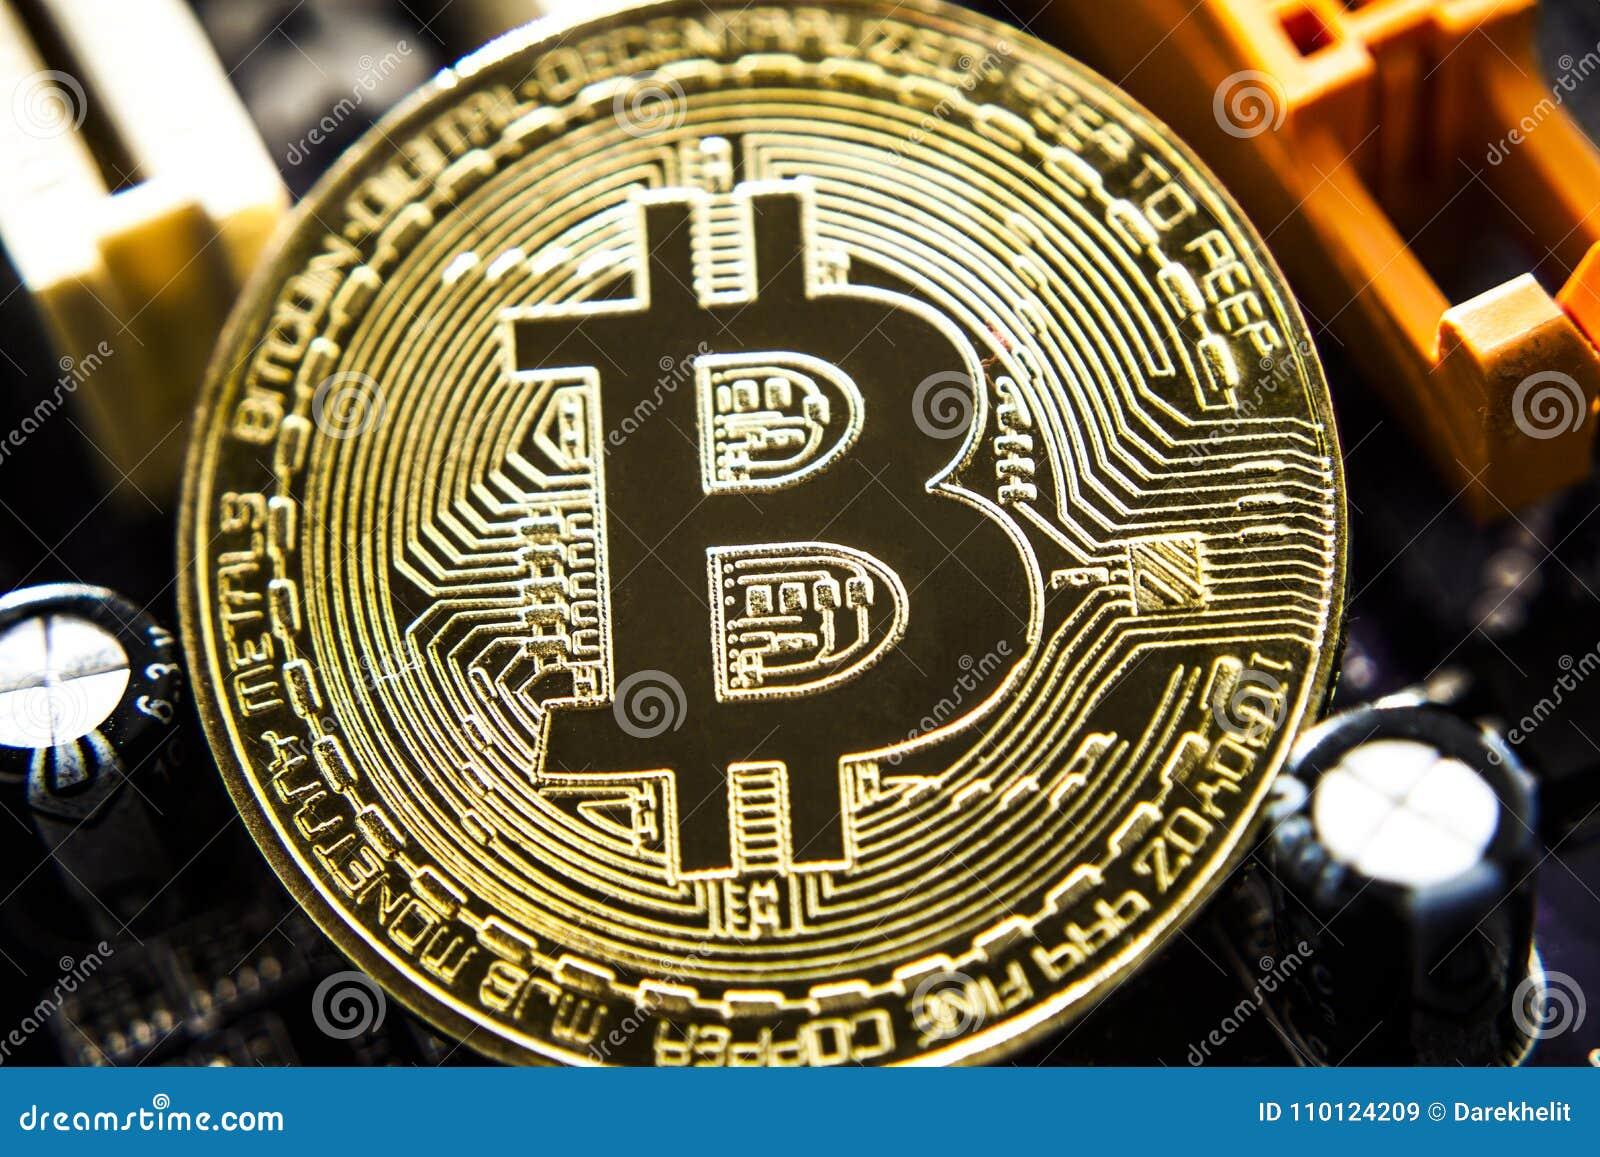 De gouden virtuele munt van Bitcoin op een achtergrond van de kringsraad